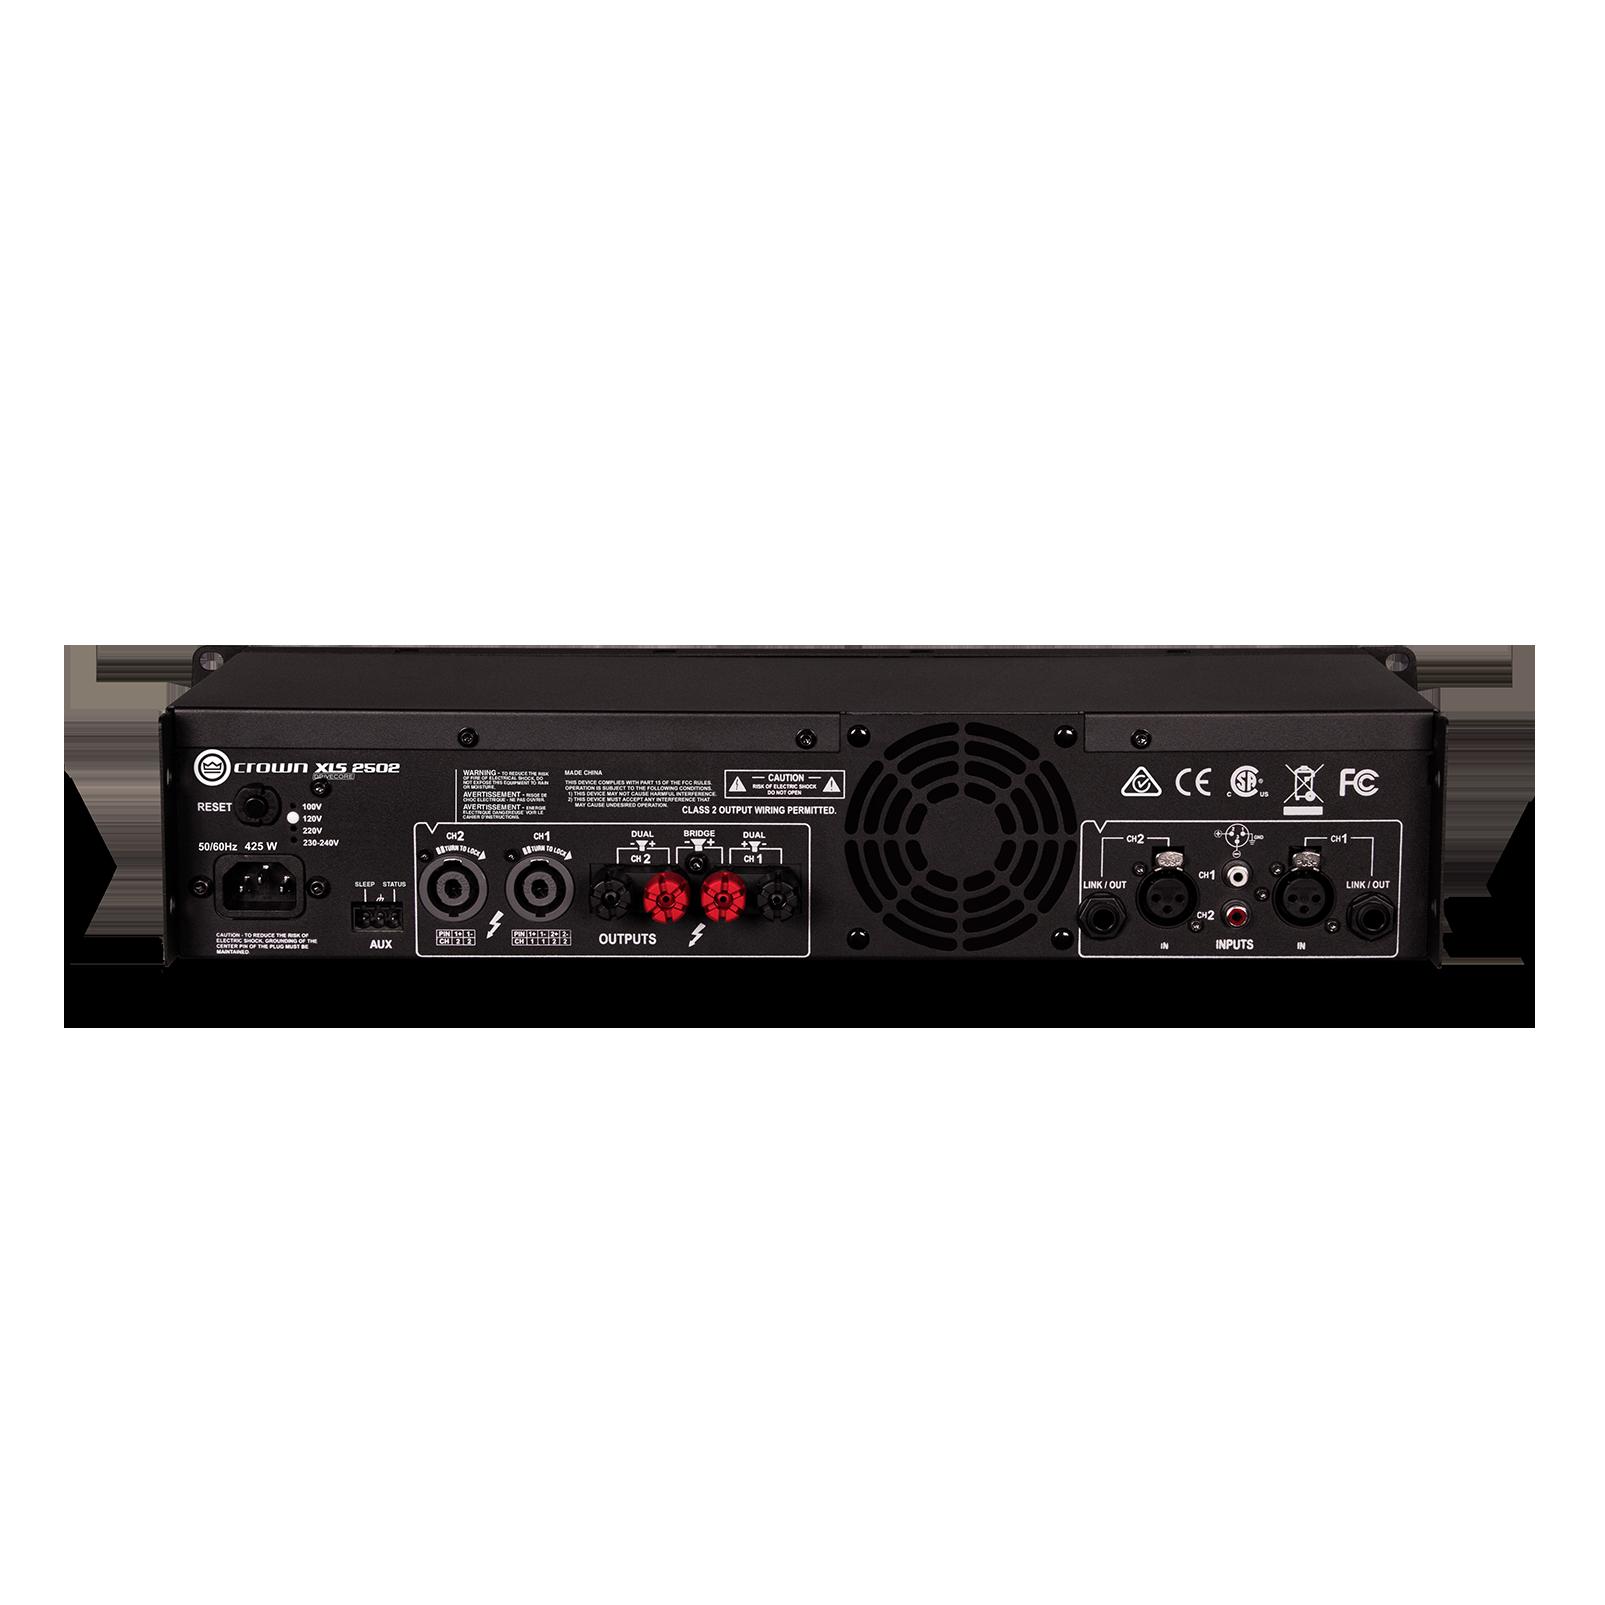 XLS 2502 - Black - Two-channel, 775W @ 4Ω power amplifier - Back